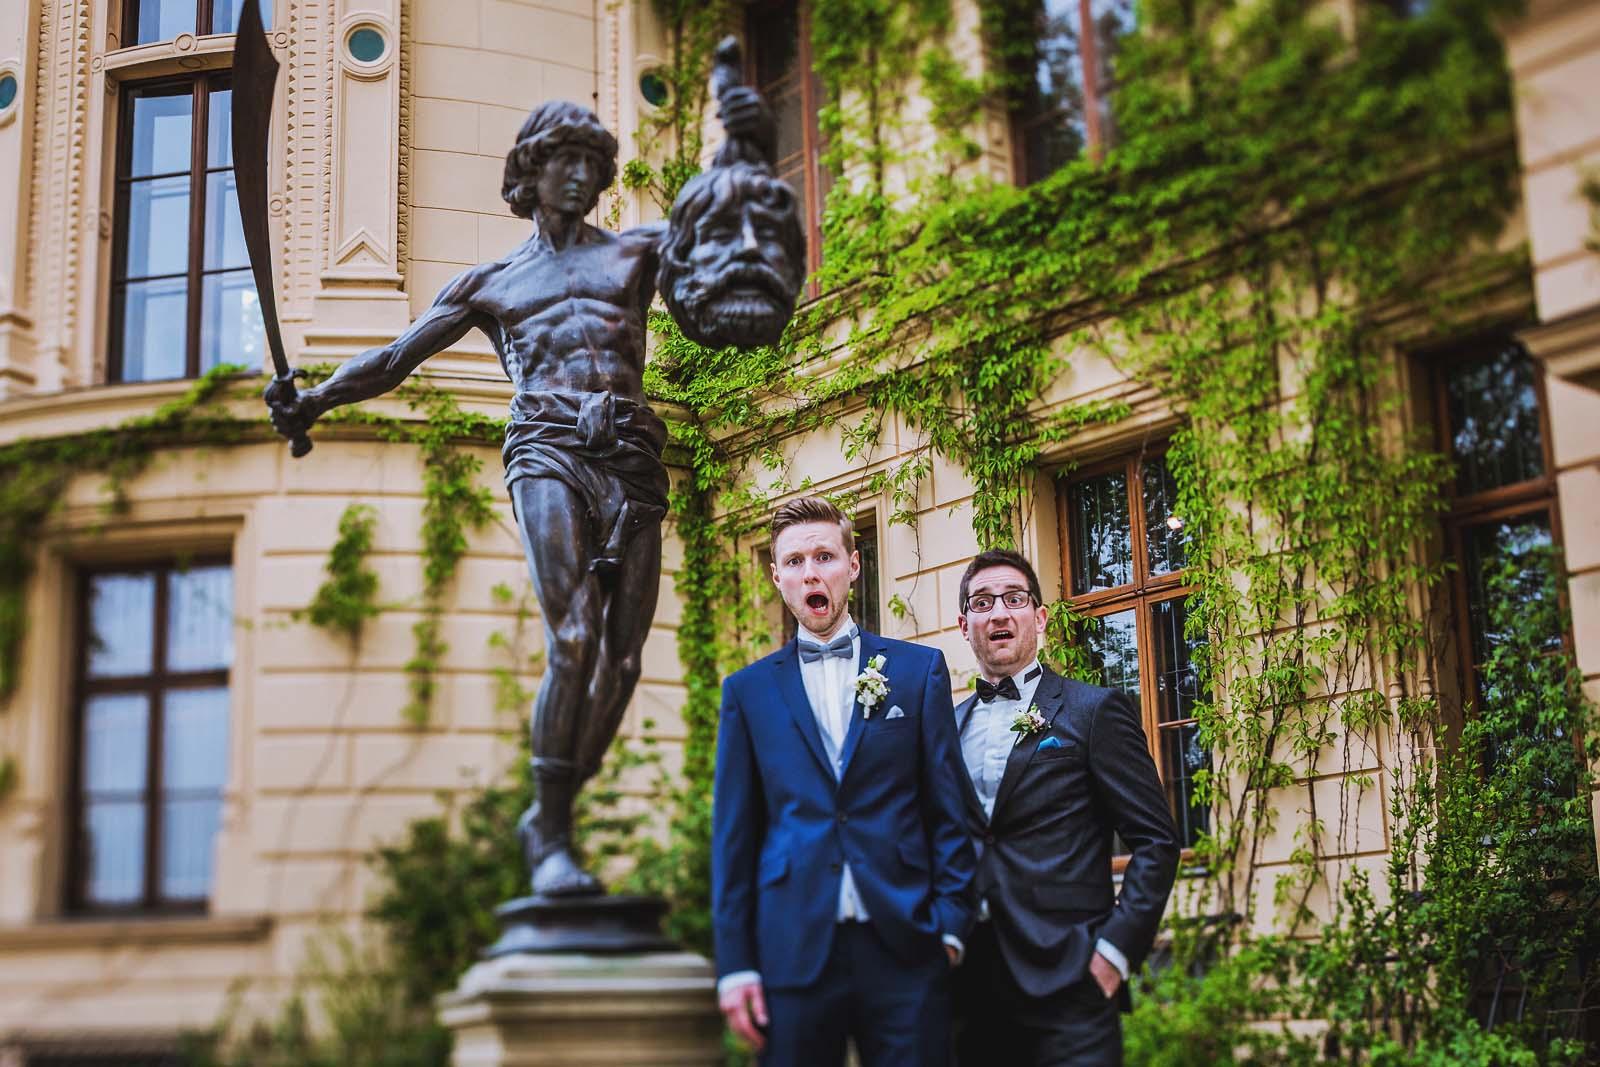 Skulptur mit Braeutigam Lustiges Gruppenfoto am Schloss Schwerin Hochzeitsfotograf Copyright by Hochzeitsfotograf www.berliner-hochzeitsfotografie.de